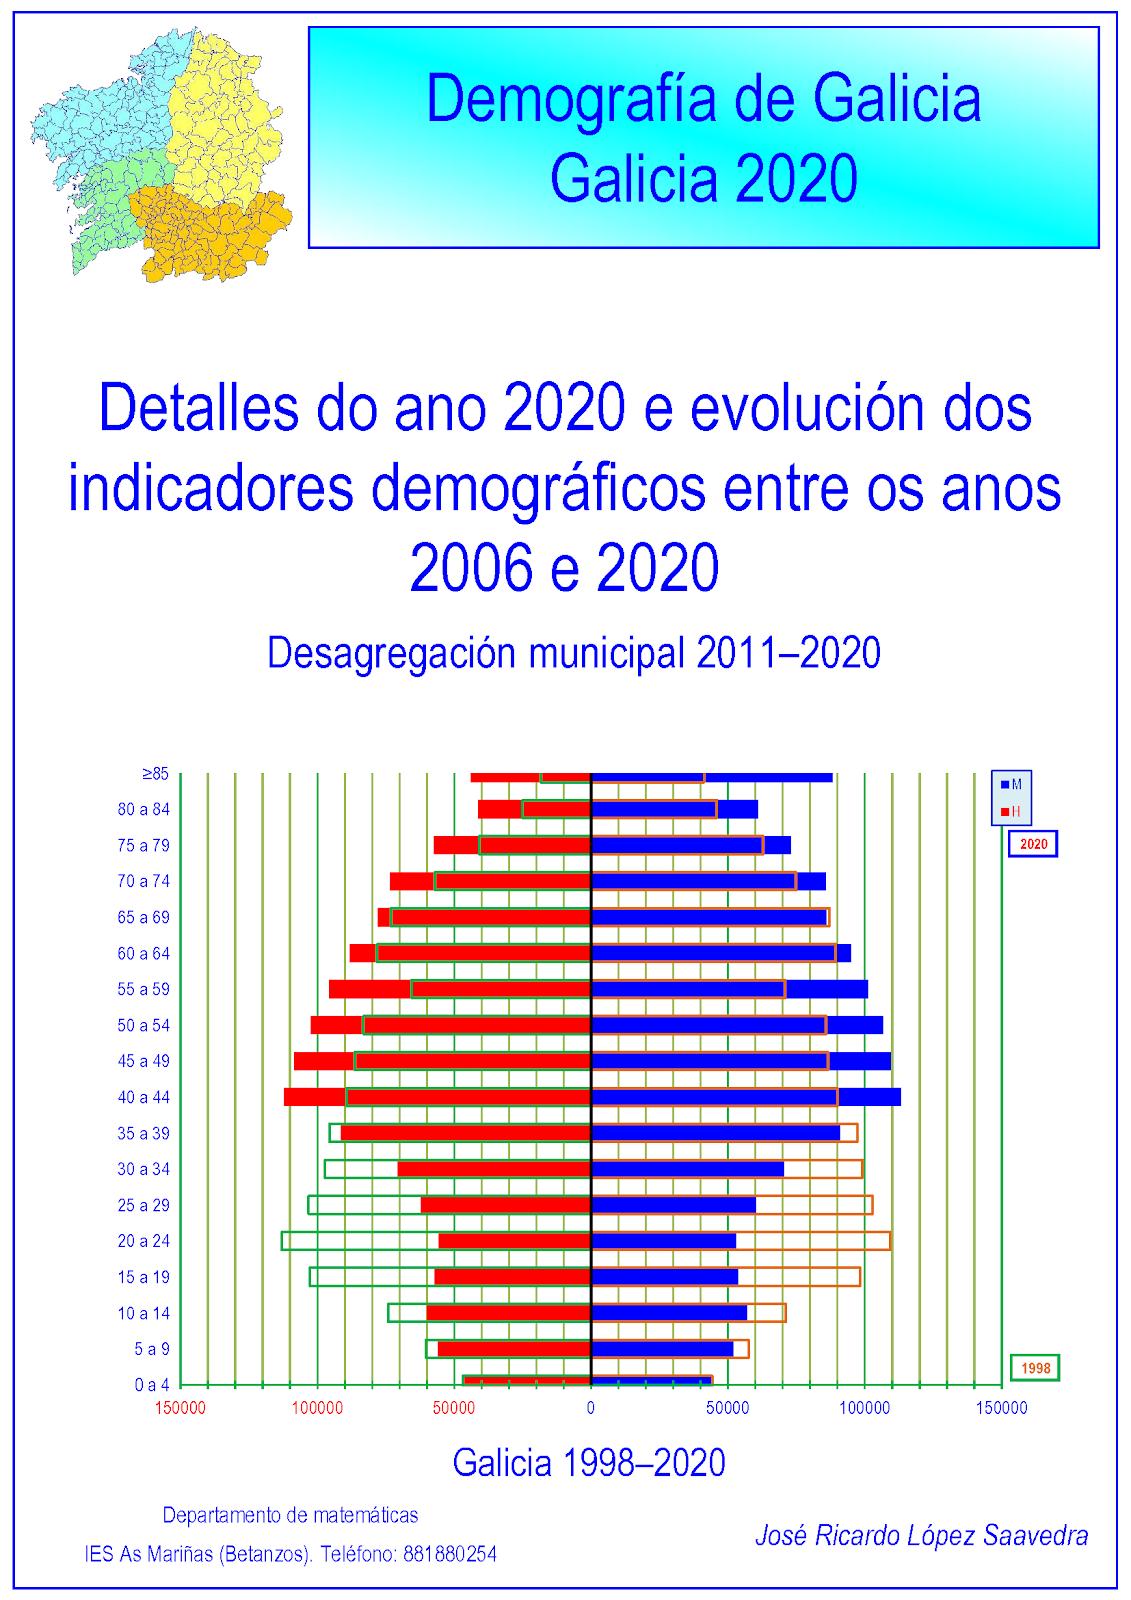 Galicia: demografía 2020